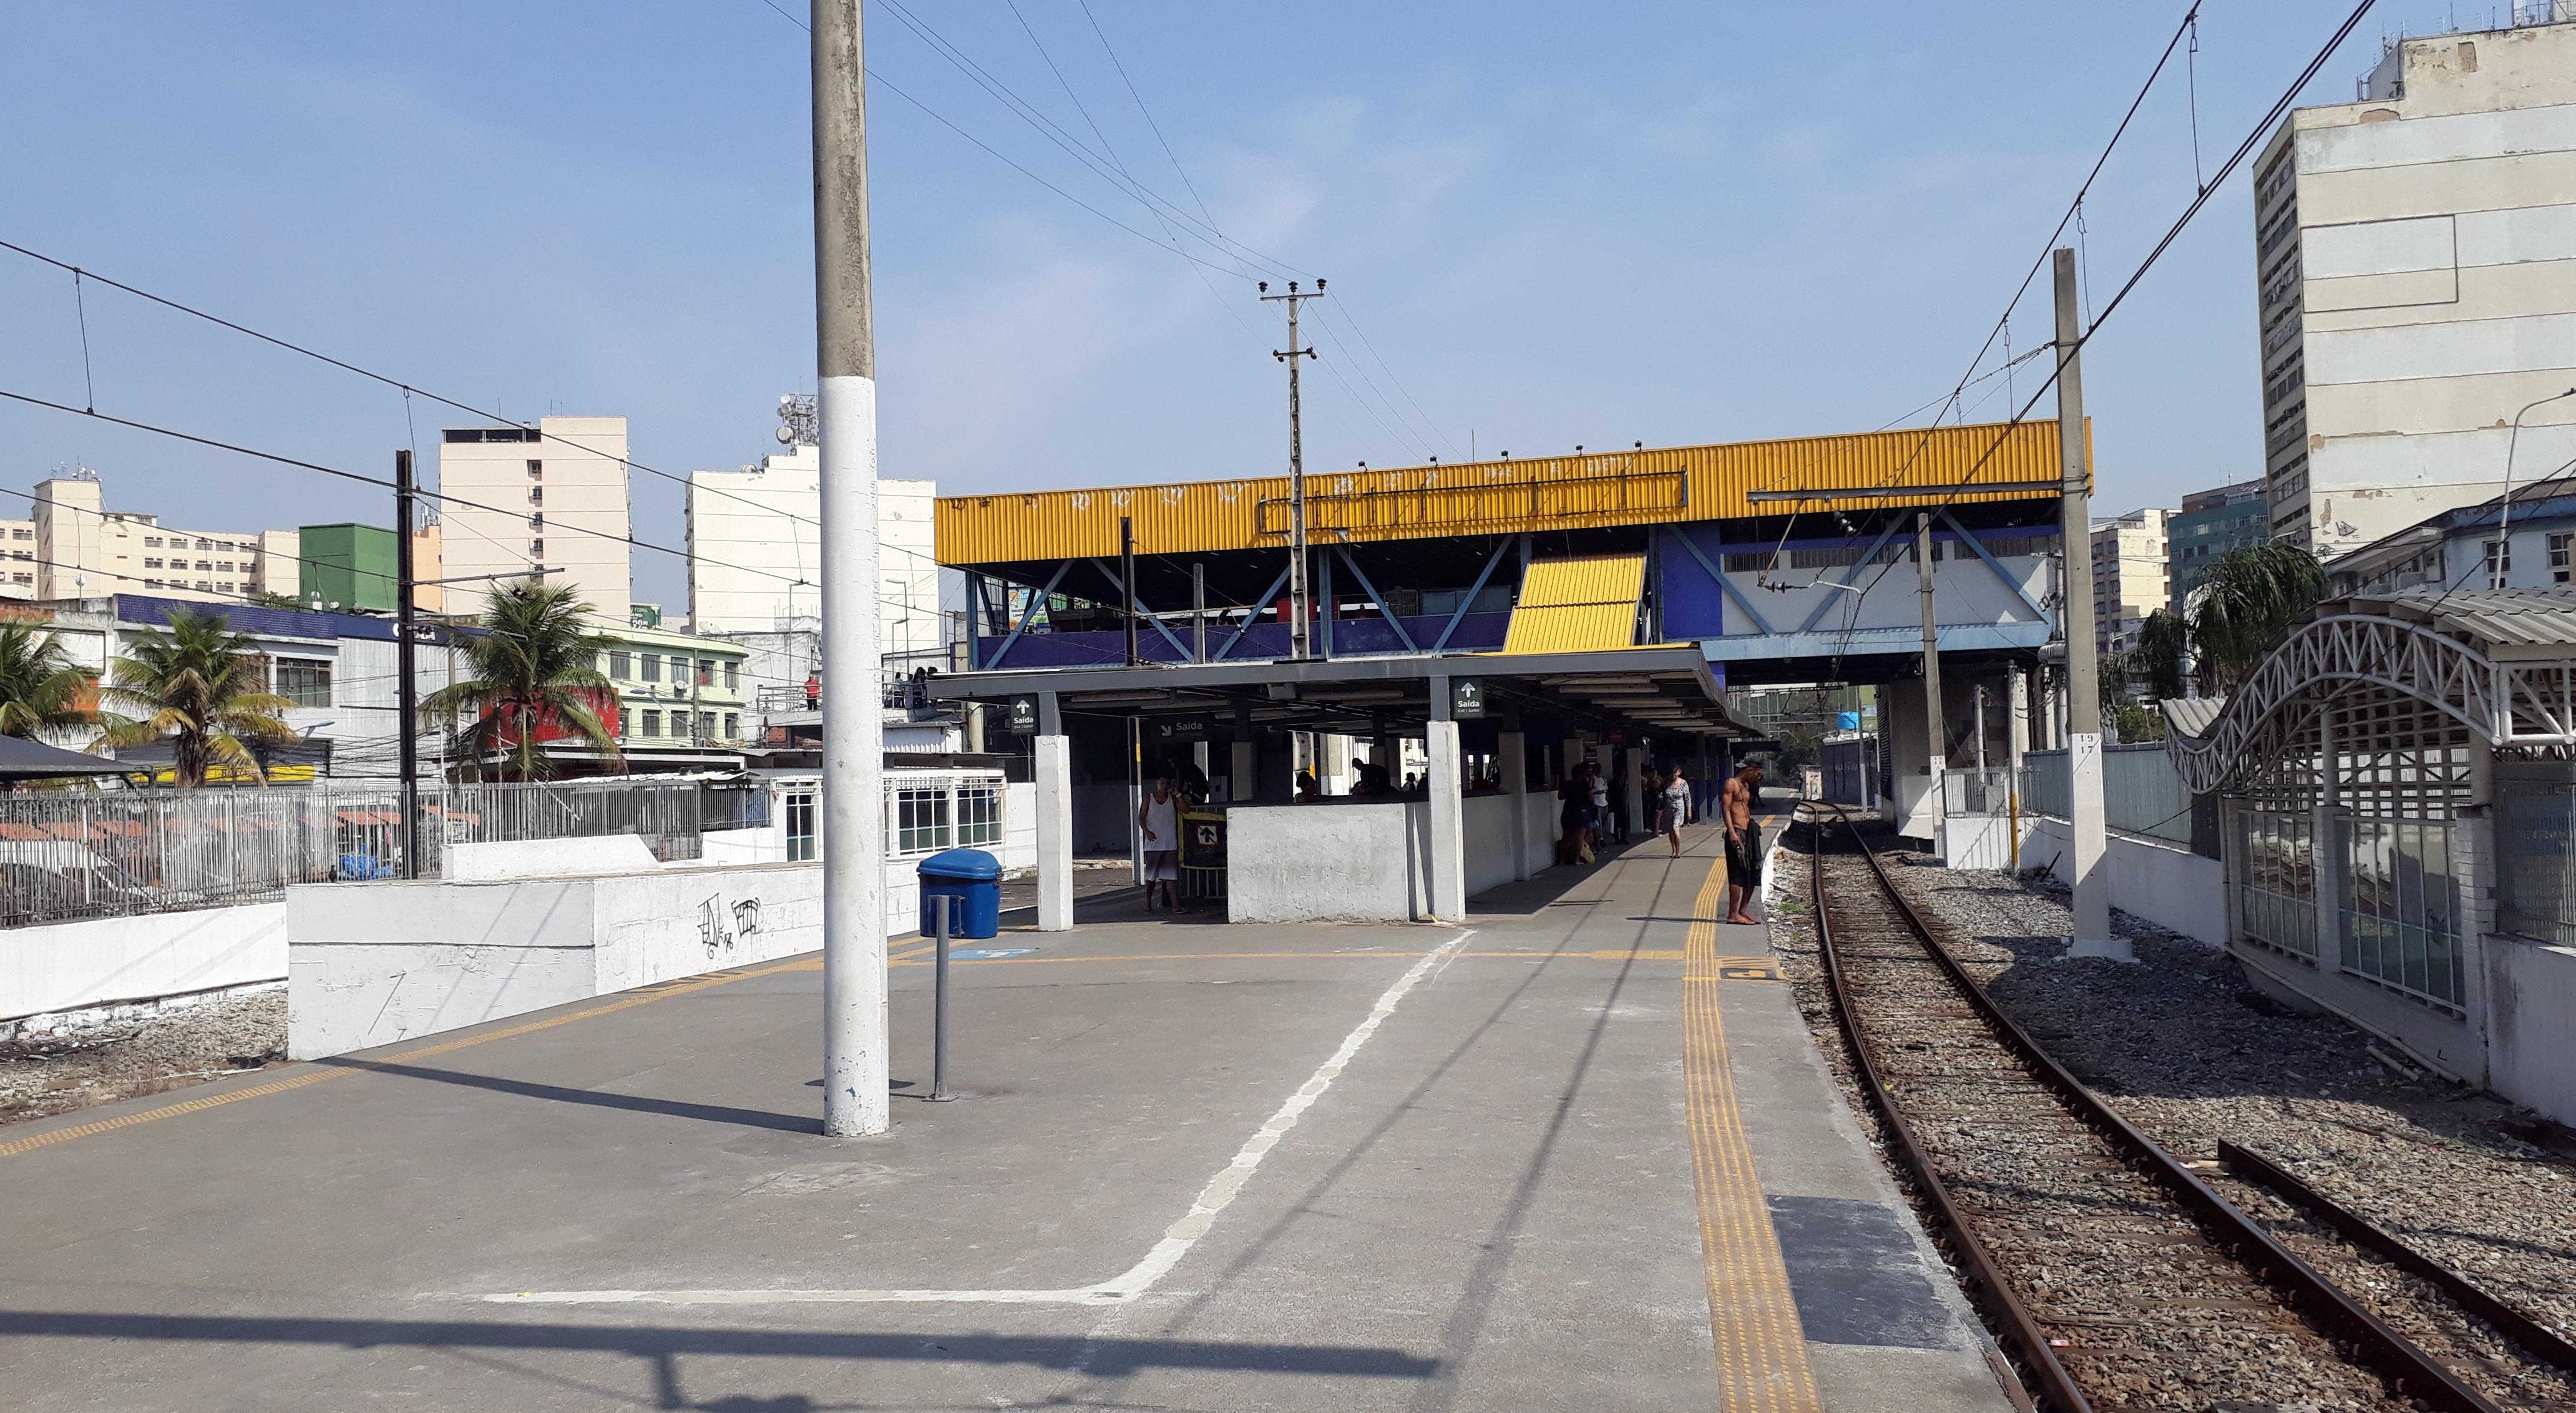 Estação Duque de Caxias – Wikipédia, a enciclopédia livre